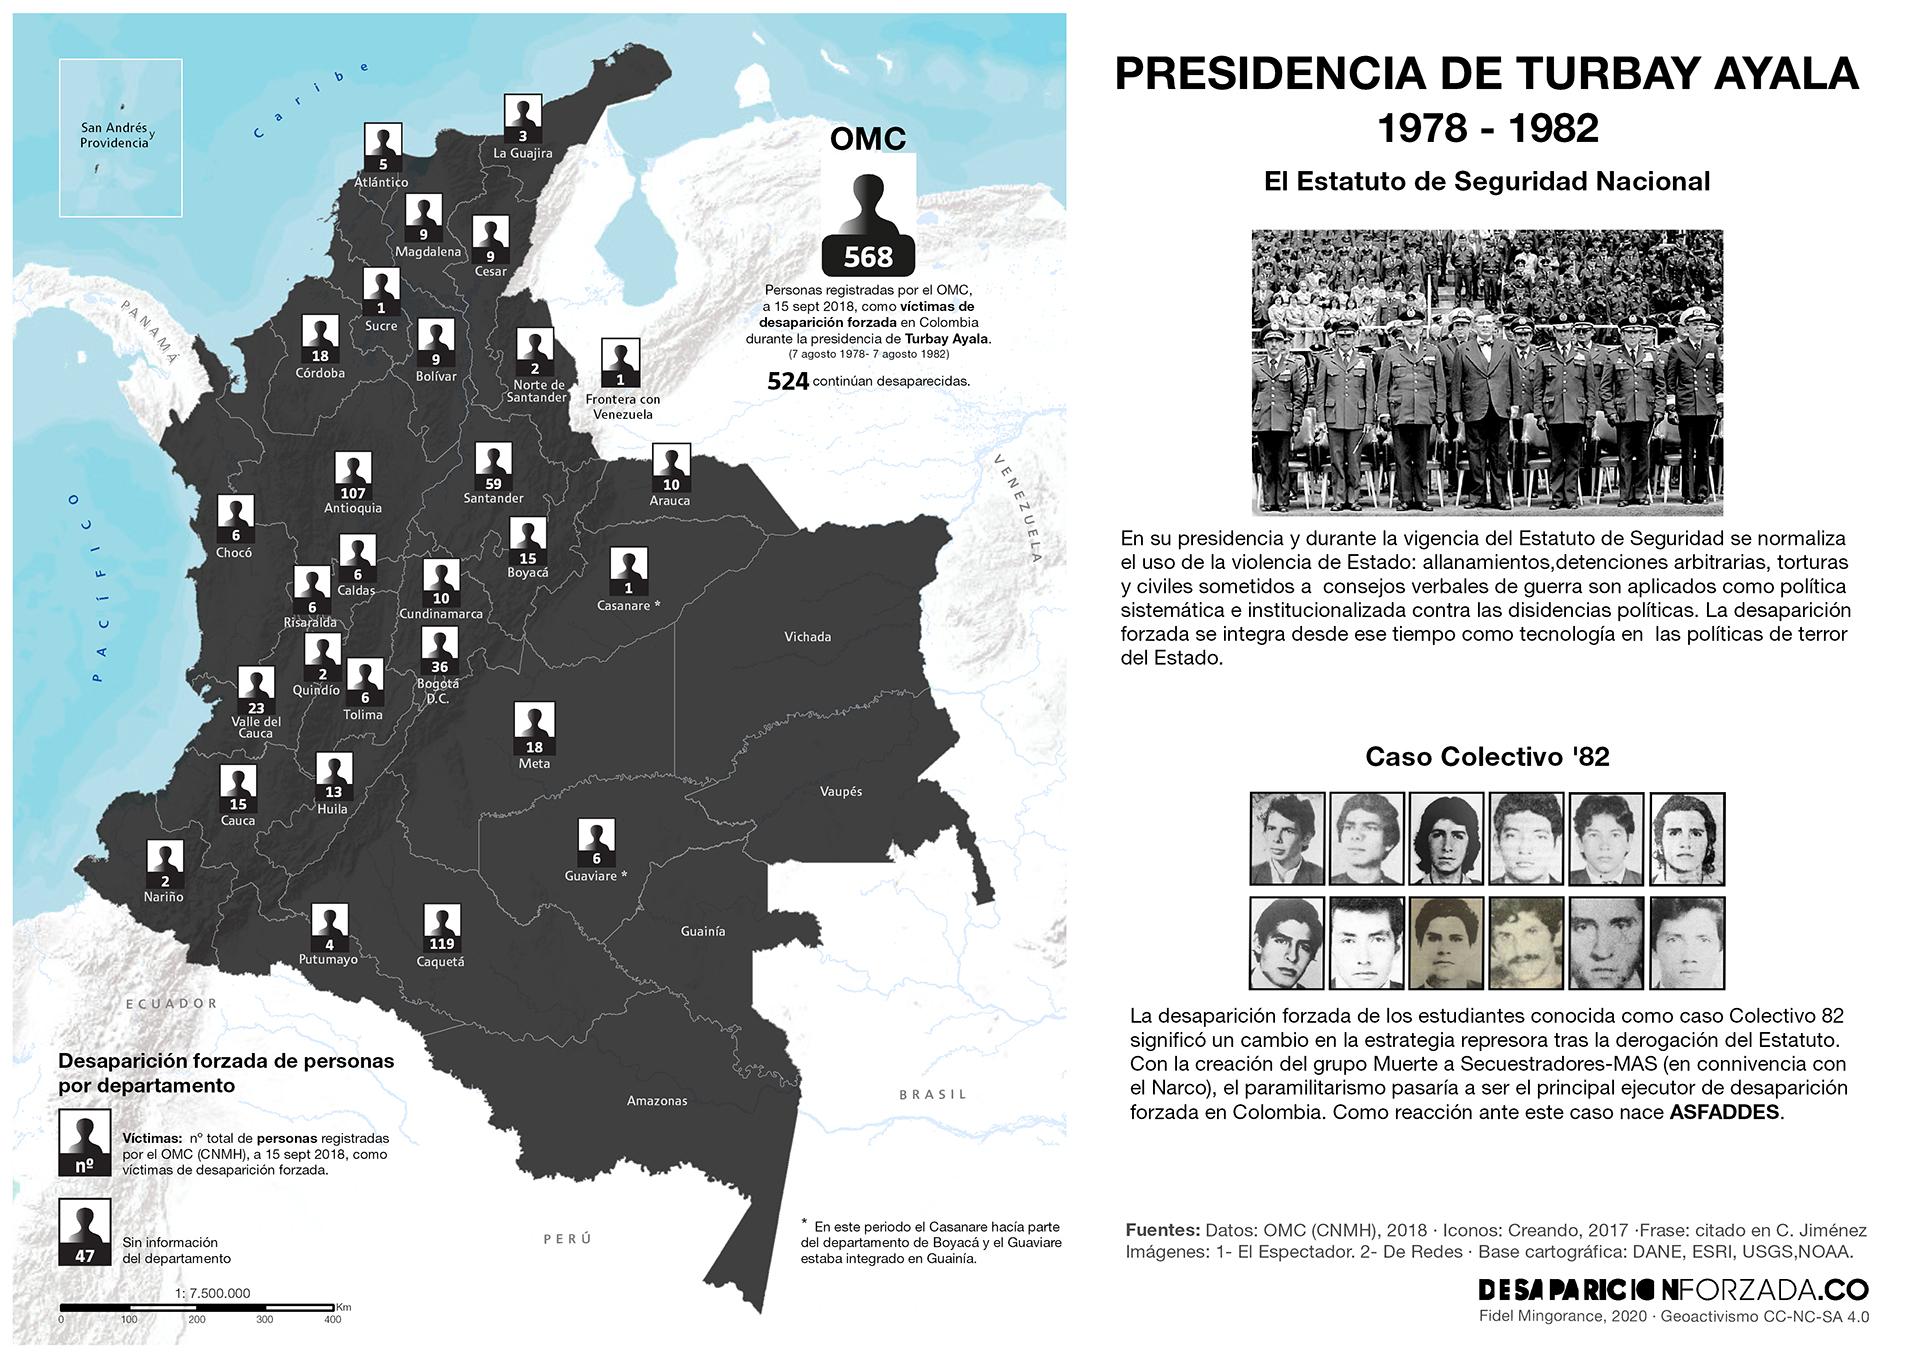 Mapa desaparicion forzada presidencia Turbay Ayala 1978-1982